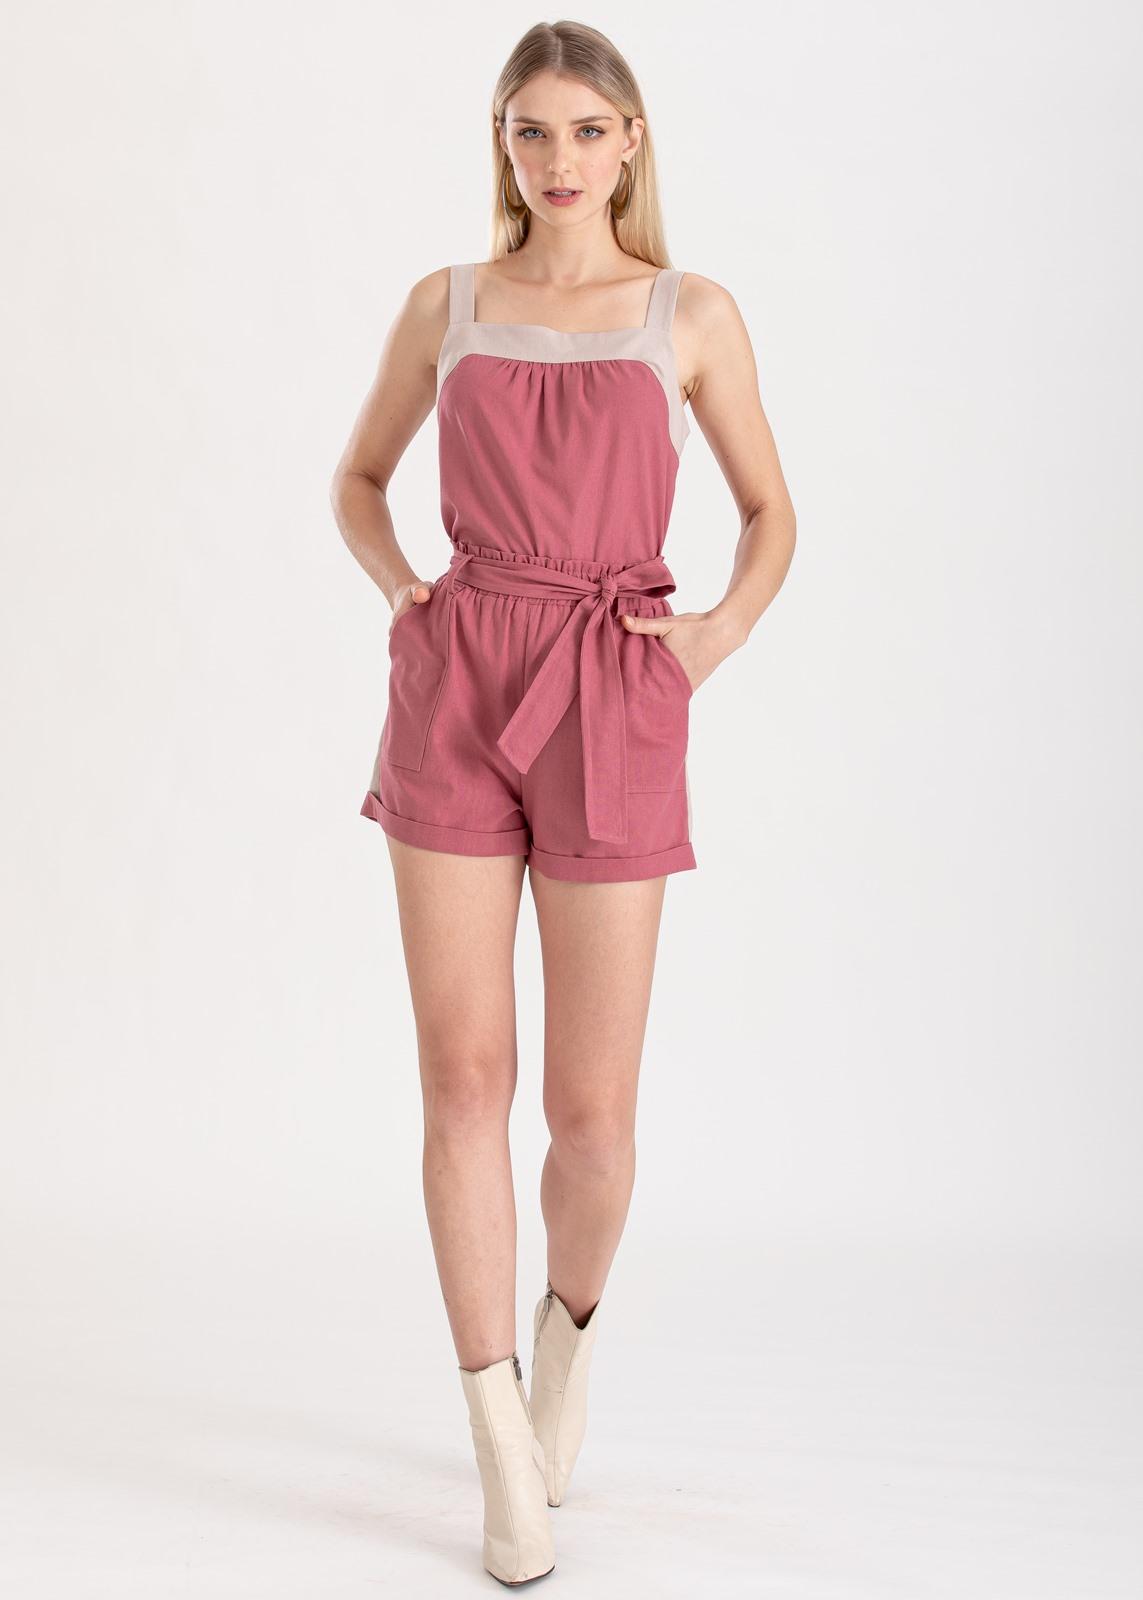 Conjunto rosa shorts  e regata ref. F123123